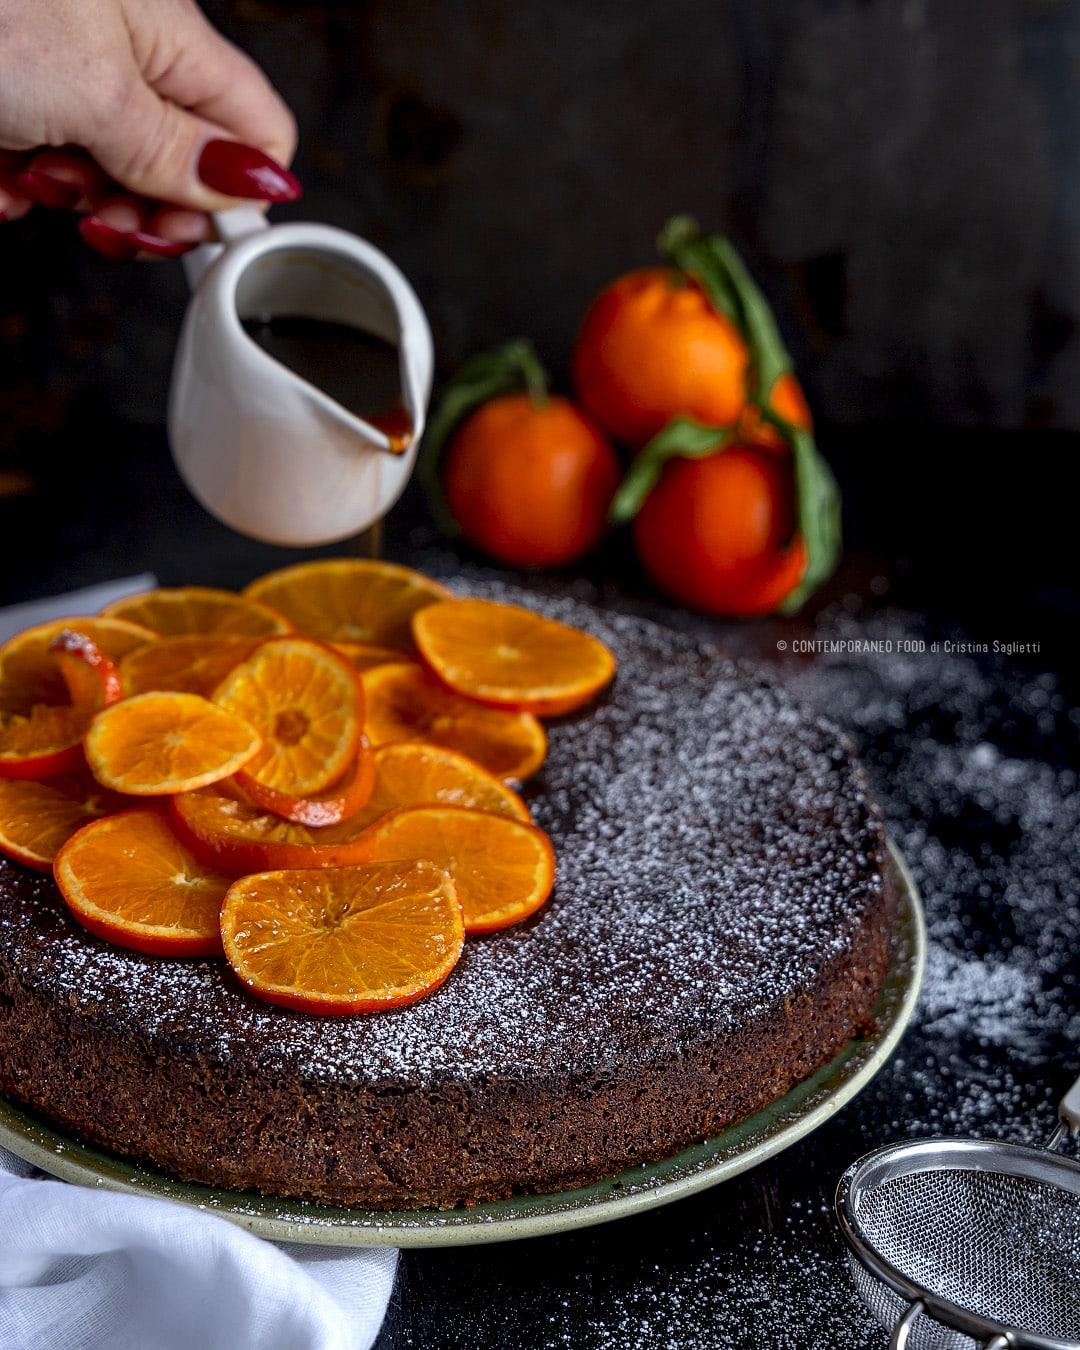 torta-allo-sciroppo-di-clementine-e-mandorle-ricetta-dolce-contemporaneo-food